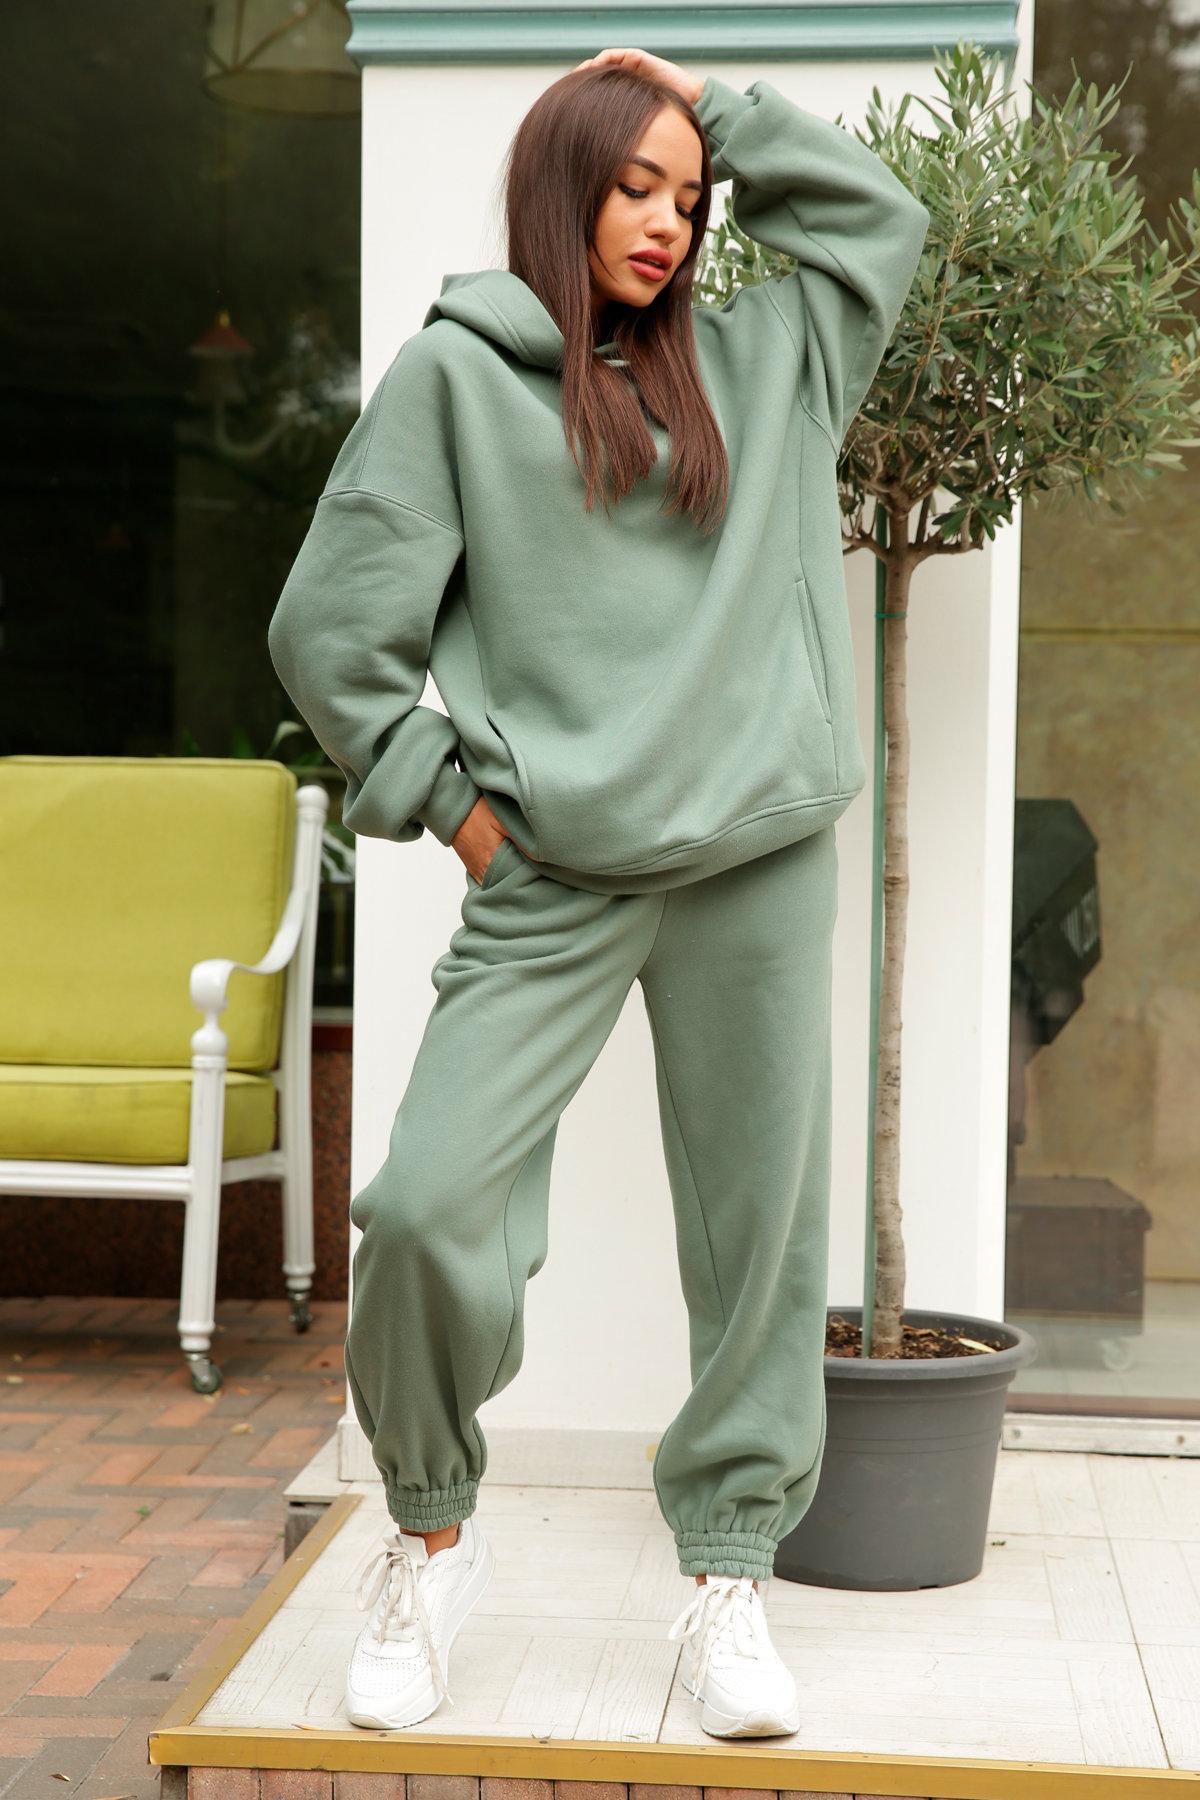 Марион костюм в  стиле Oversize  3х нитка 9651 АРТ. 46056 Цвет: Олива Темная - фото 3, интернет магазин tm-modus.ru